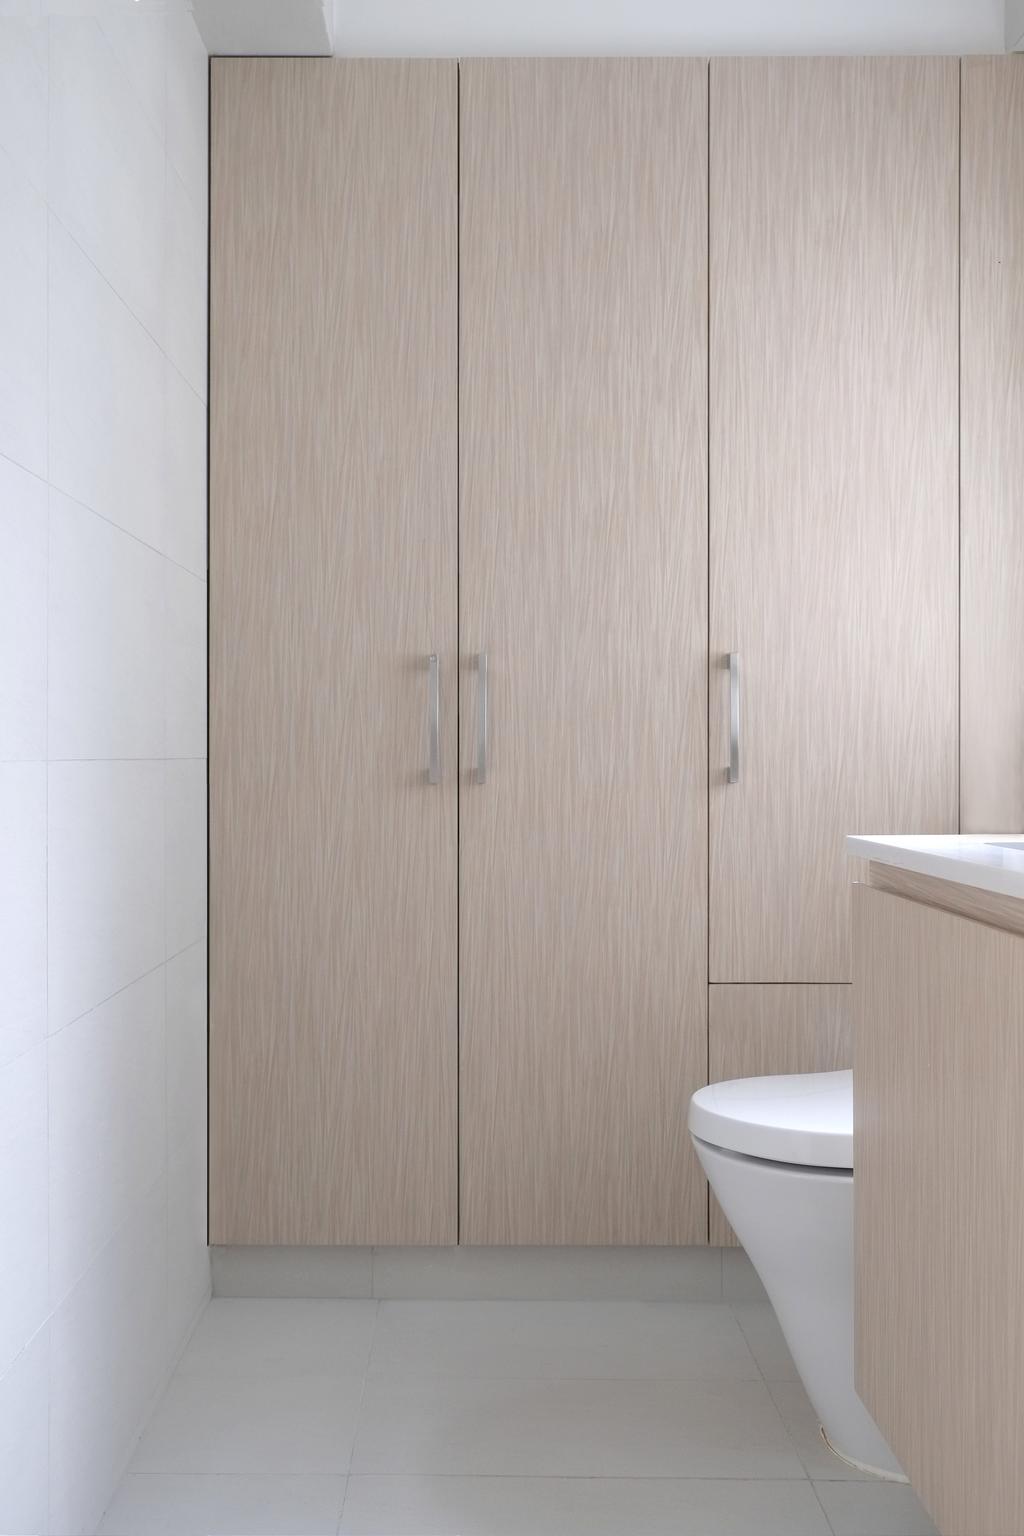 簡約, 私家樓, 浴室, 黃埔花園, 室內設計師, Studio Roof